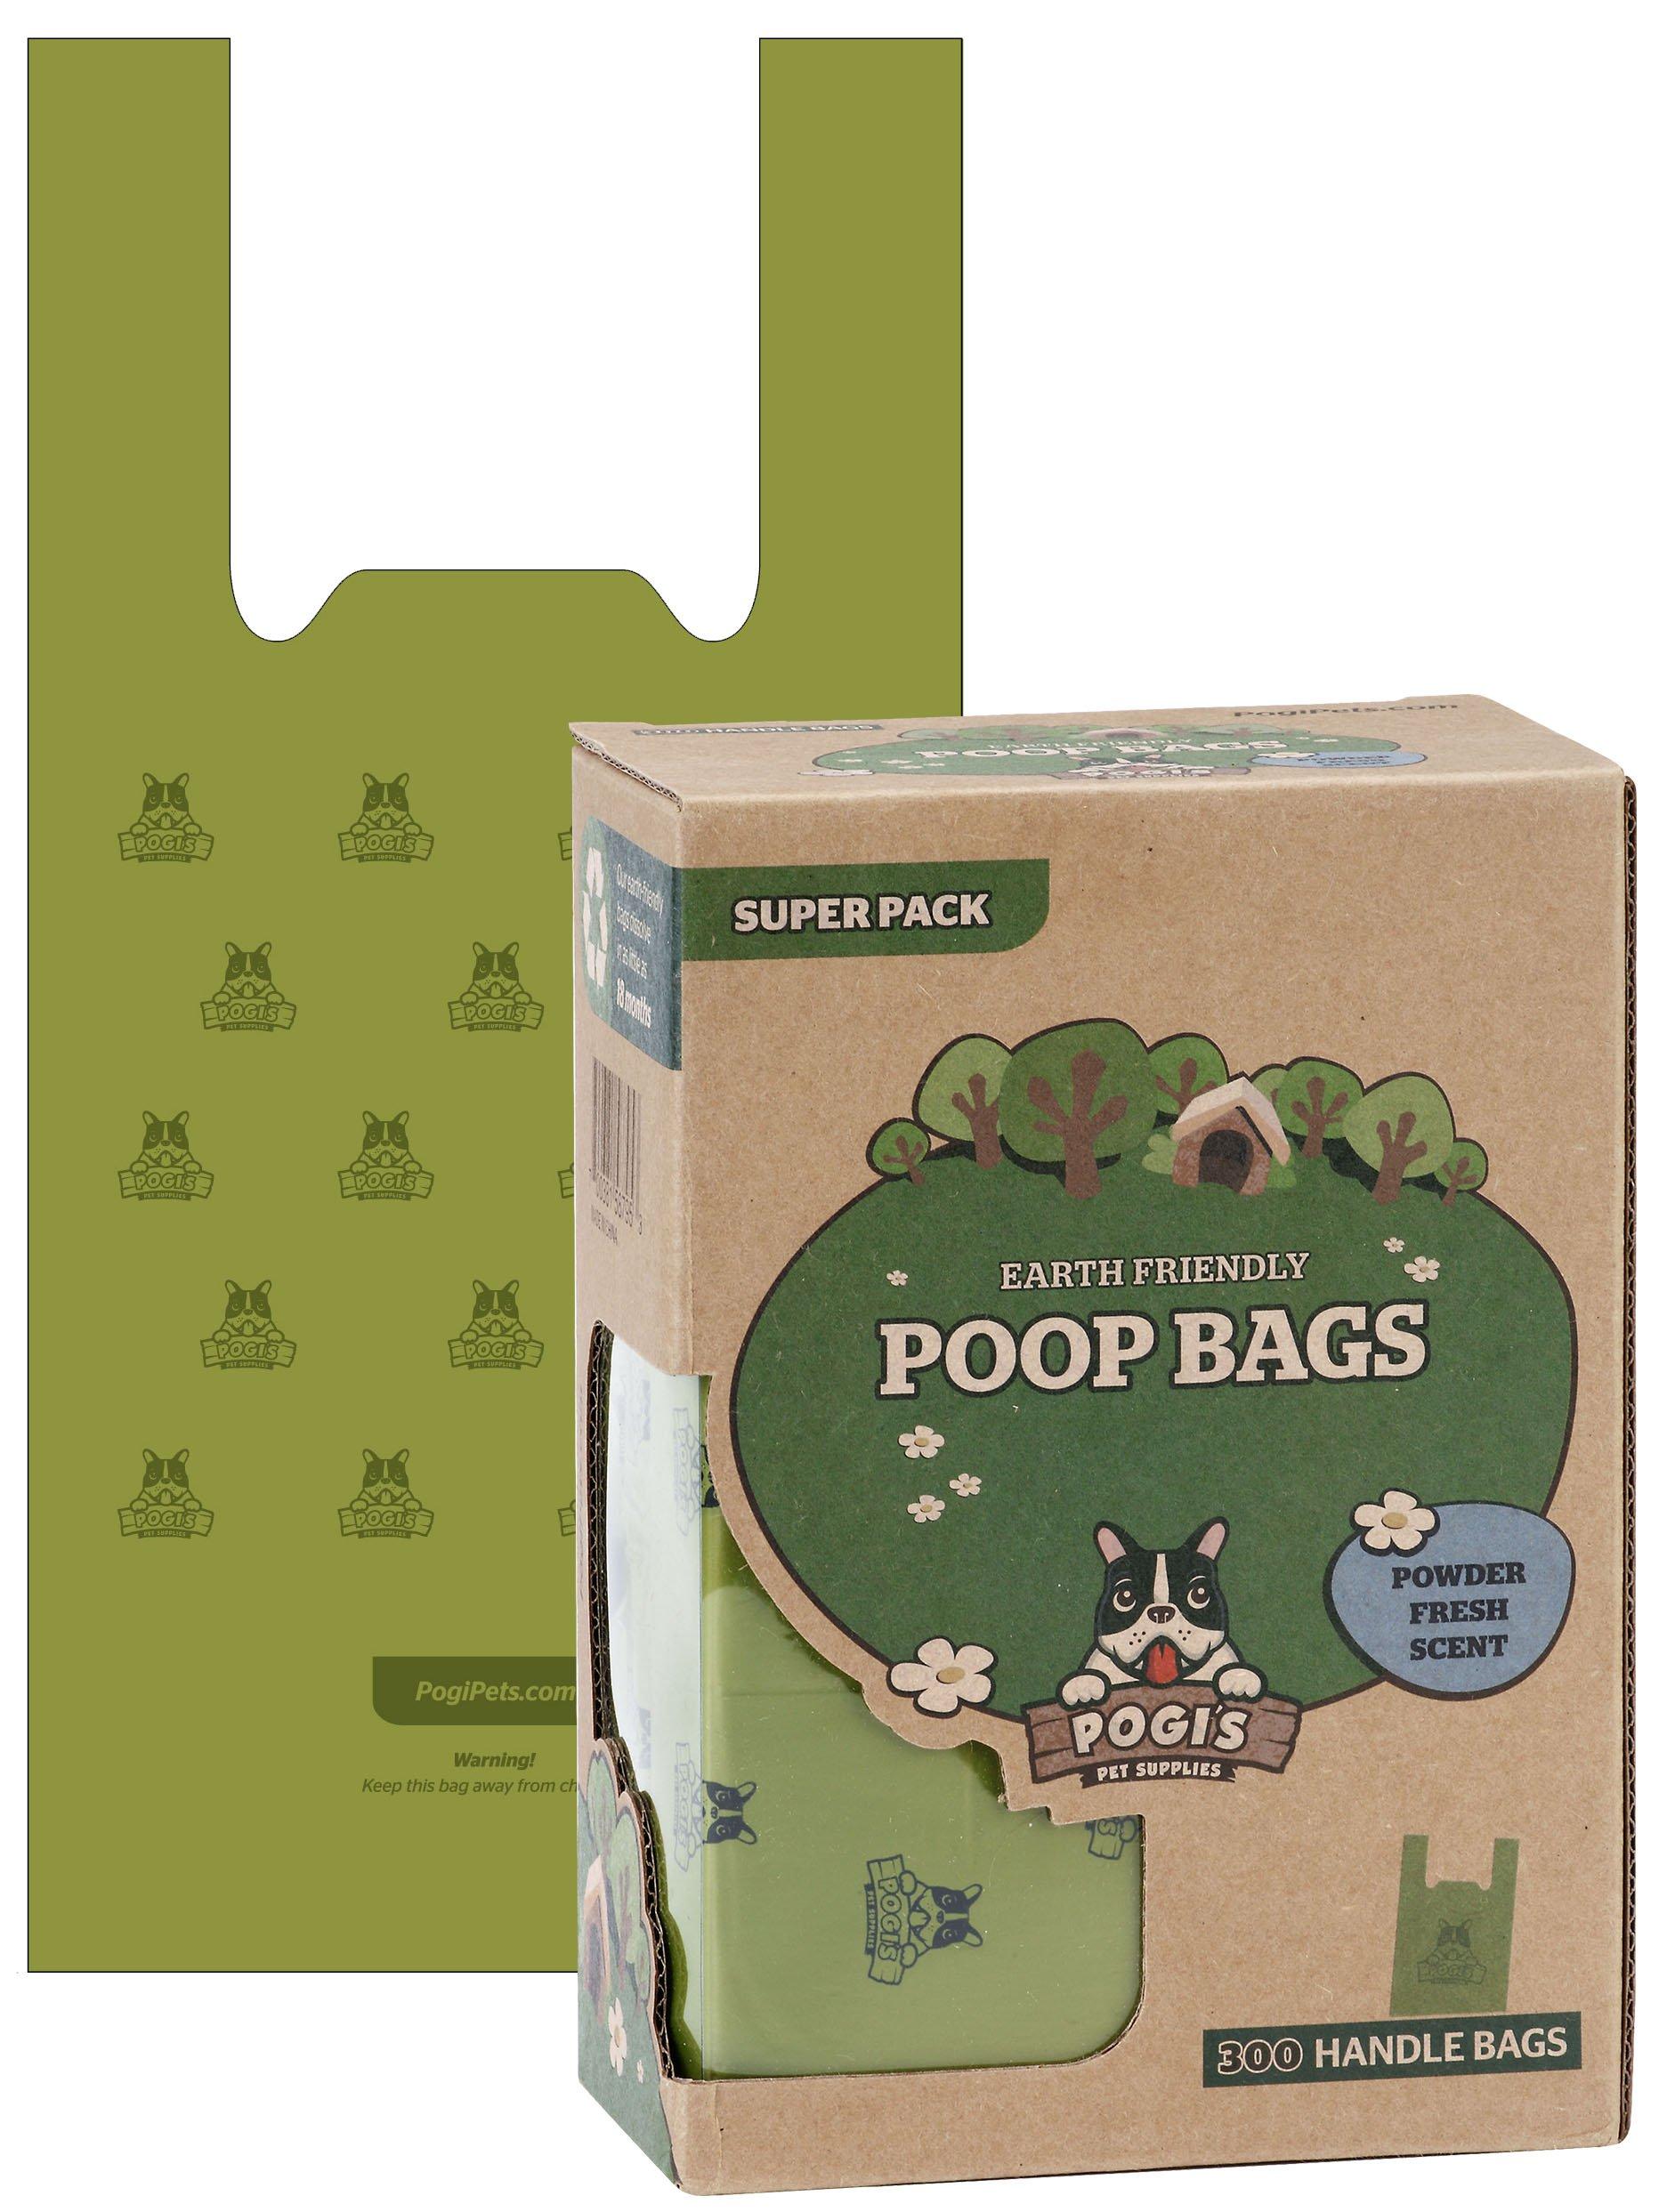 Pogis Poop Bags with Easy-Tie Handles - Large, Earth-Friendly, Leak